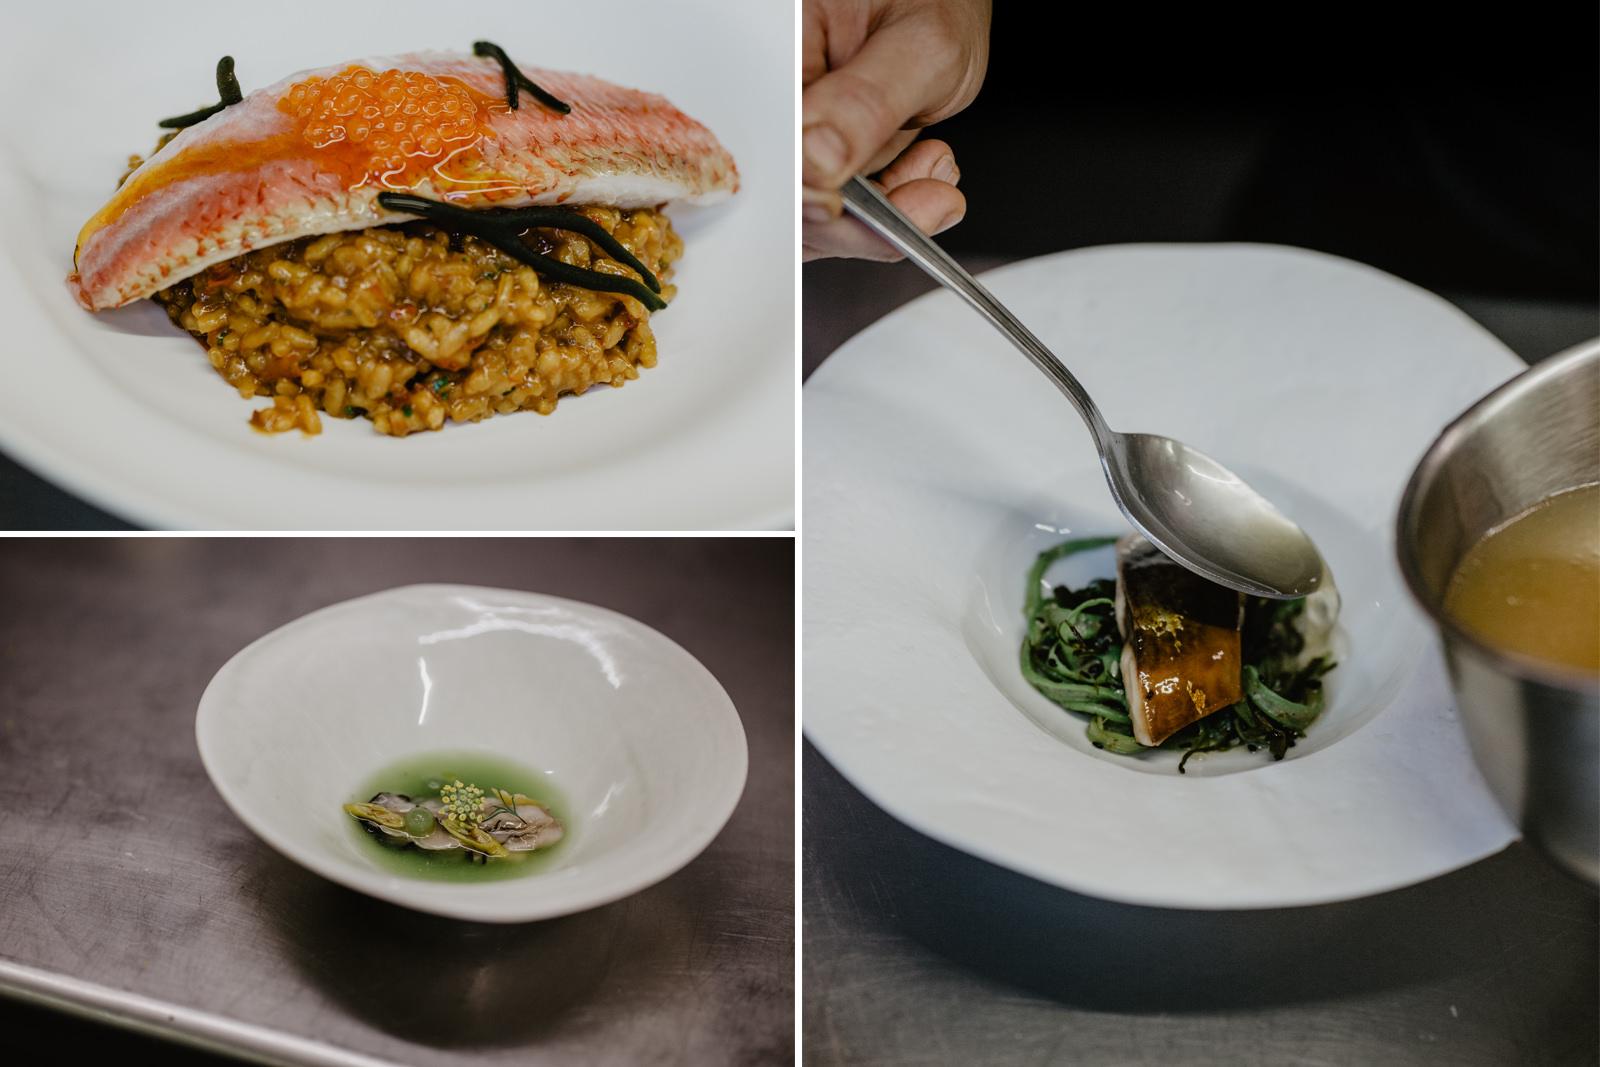 Algunos de los platos de los dos tipos de menú degustación que ofrece 'A Tafona' (Miudo y De Mercado).